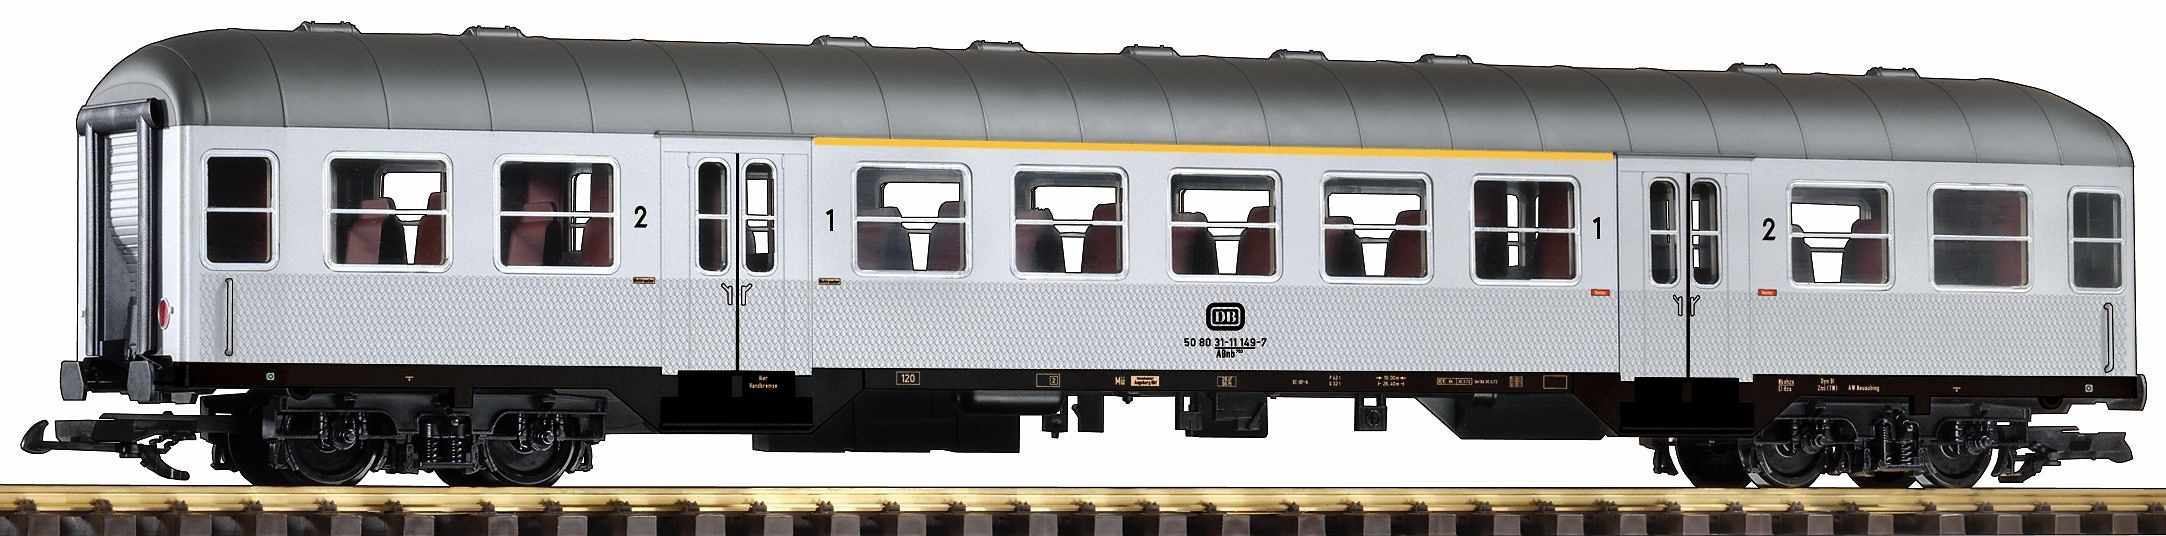 PIKO Personenwagen, Spur G, »Nahverkehrswagen ABnb 703 7./2. Klasse, Silberling, DB - Gleichstrom«